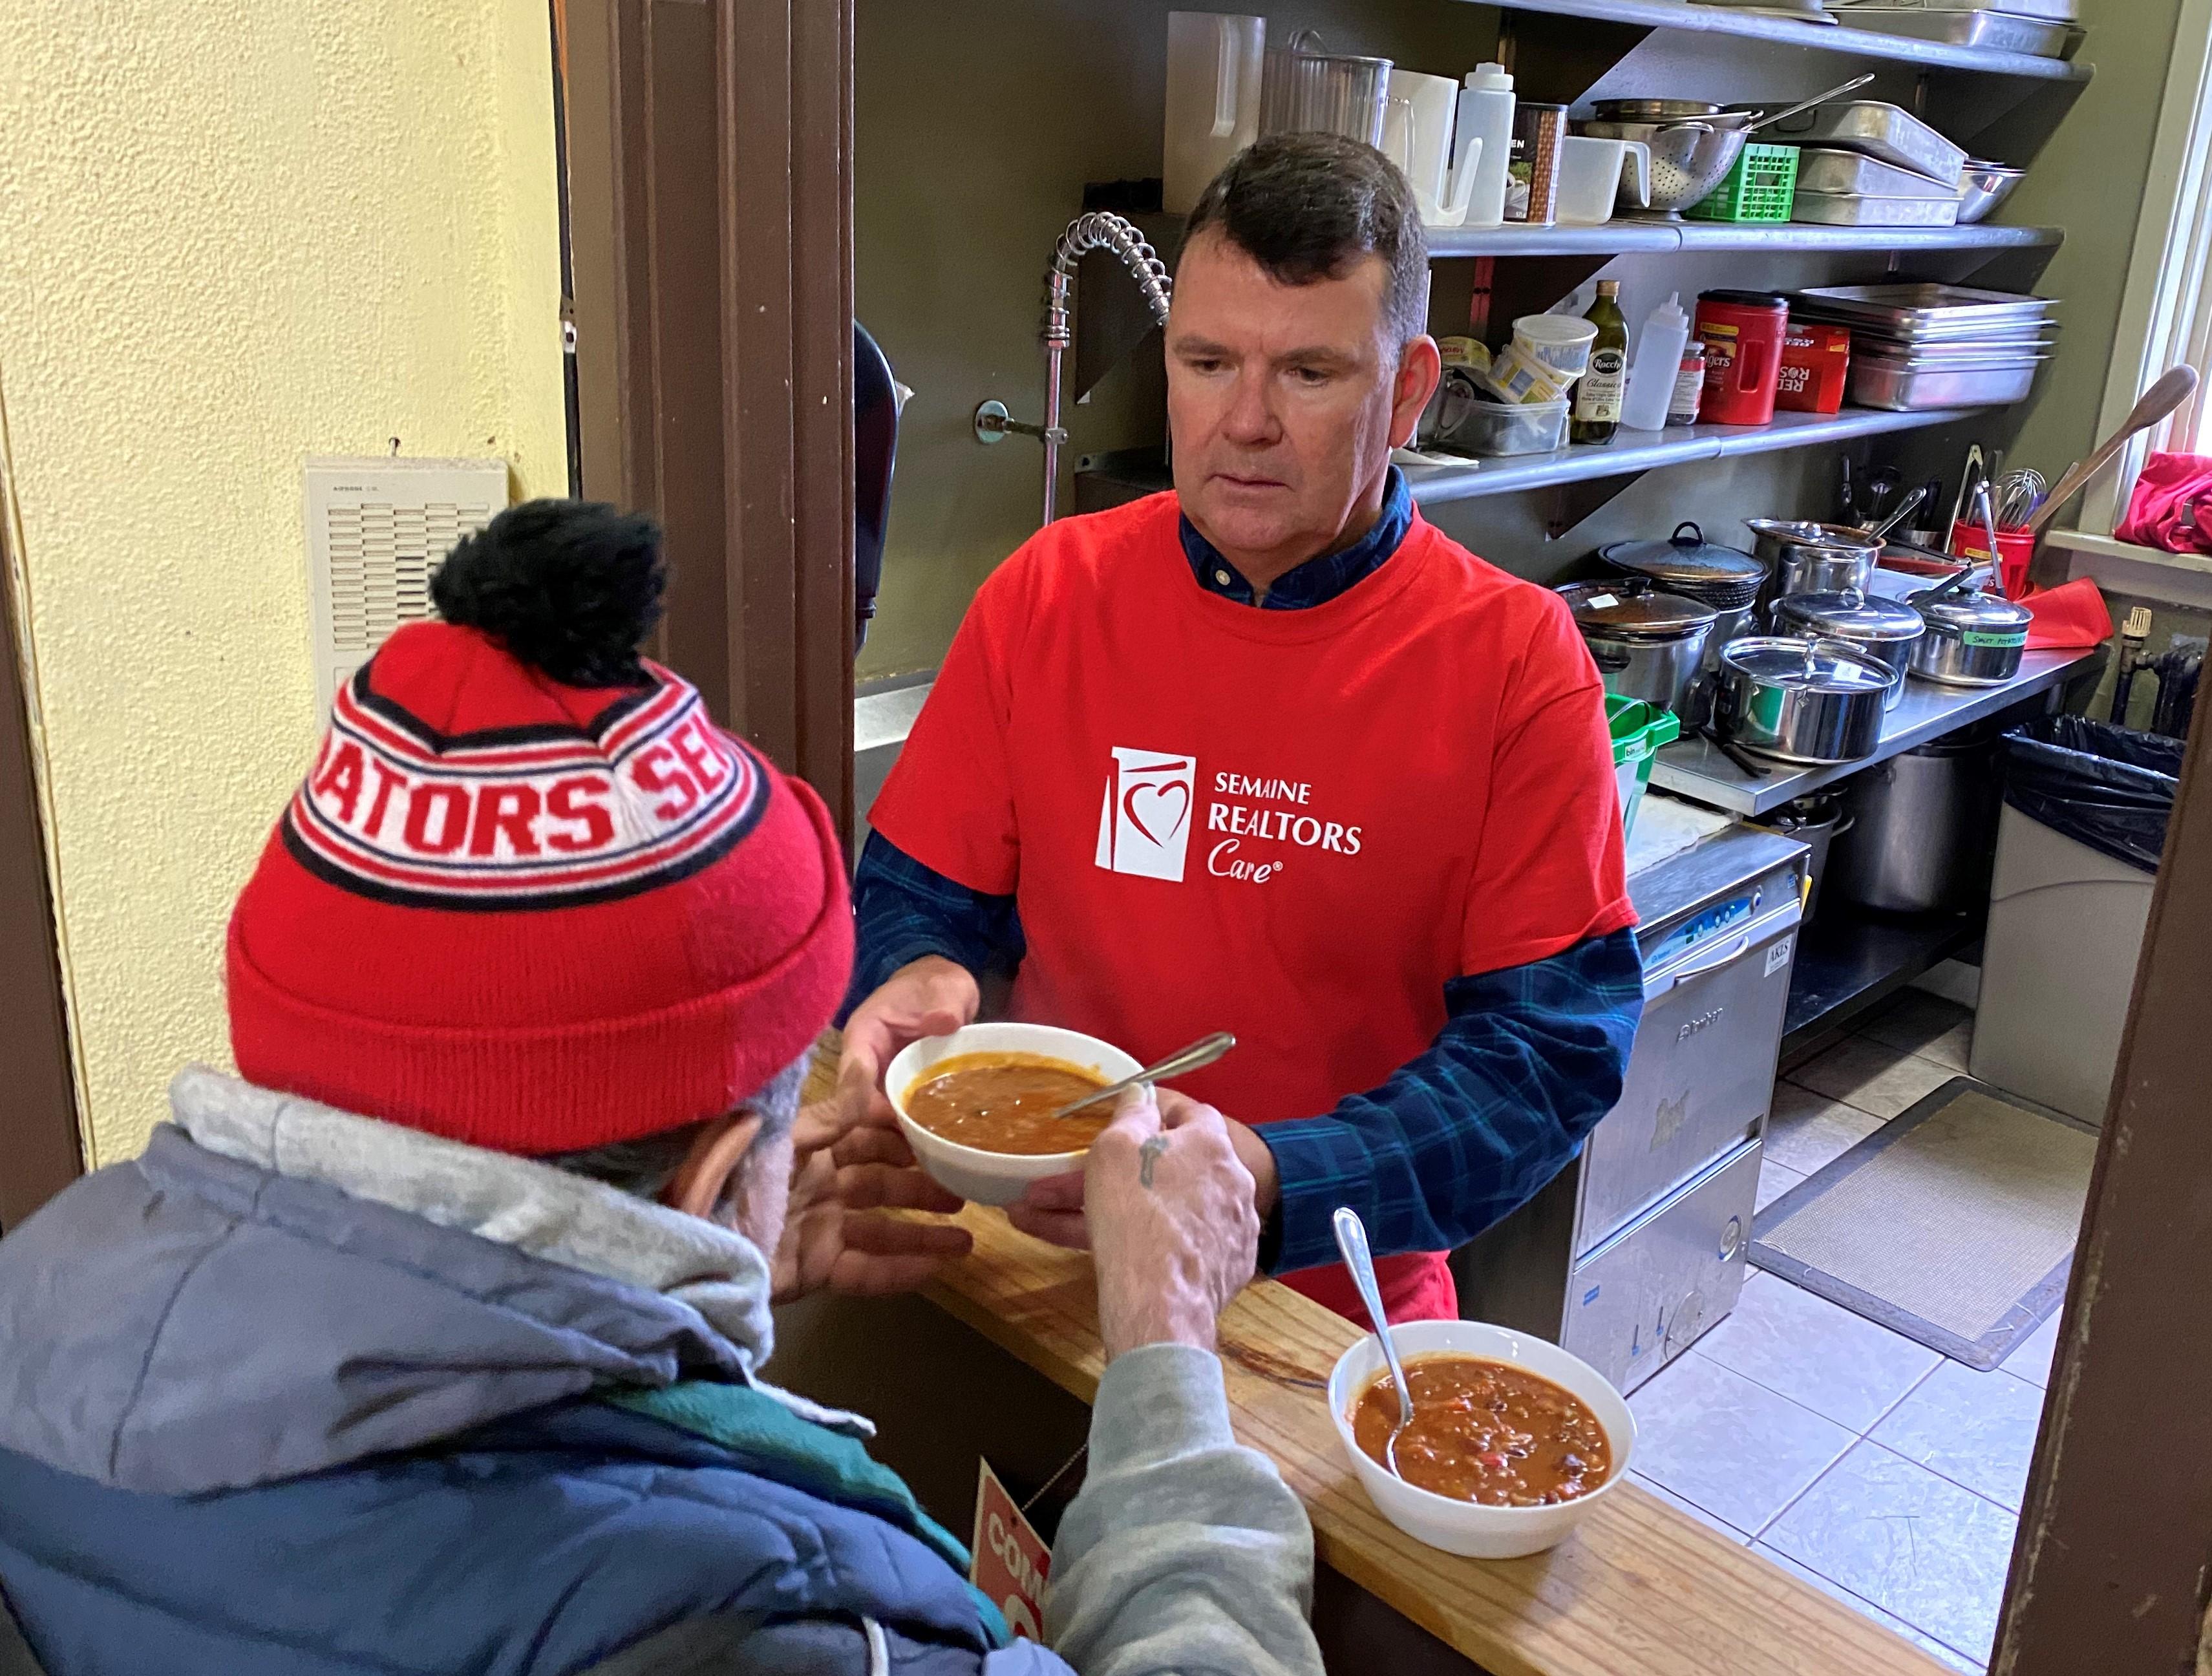 CREA CEO helps serve chili lunch at Centre 507